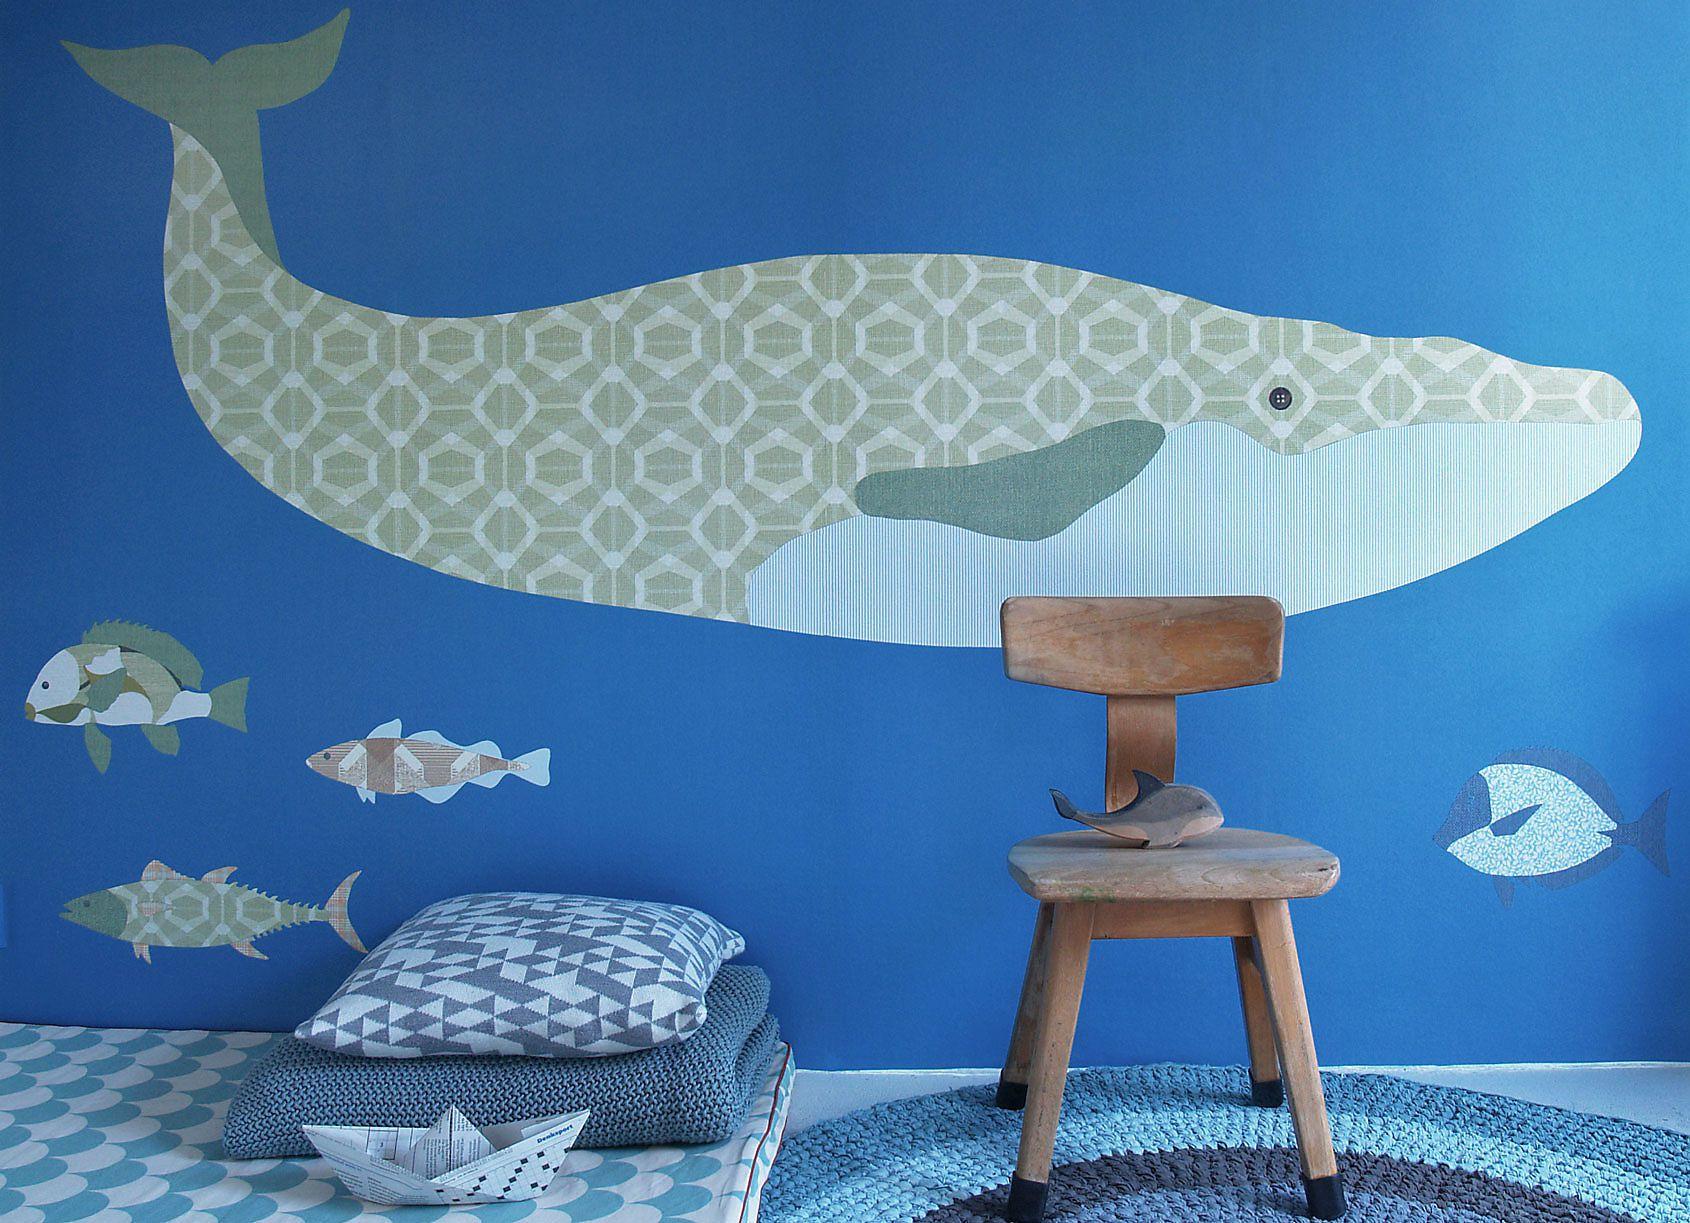 Walfisch an der Wand von Raumelfen